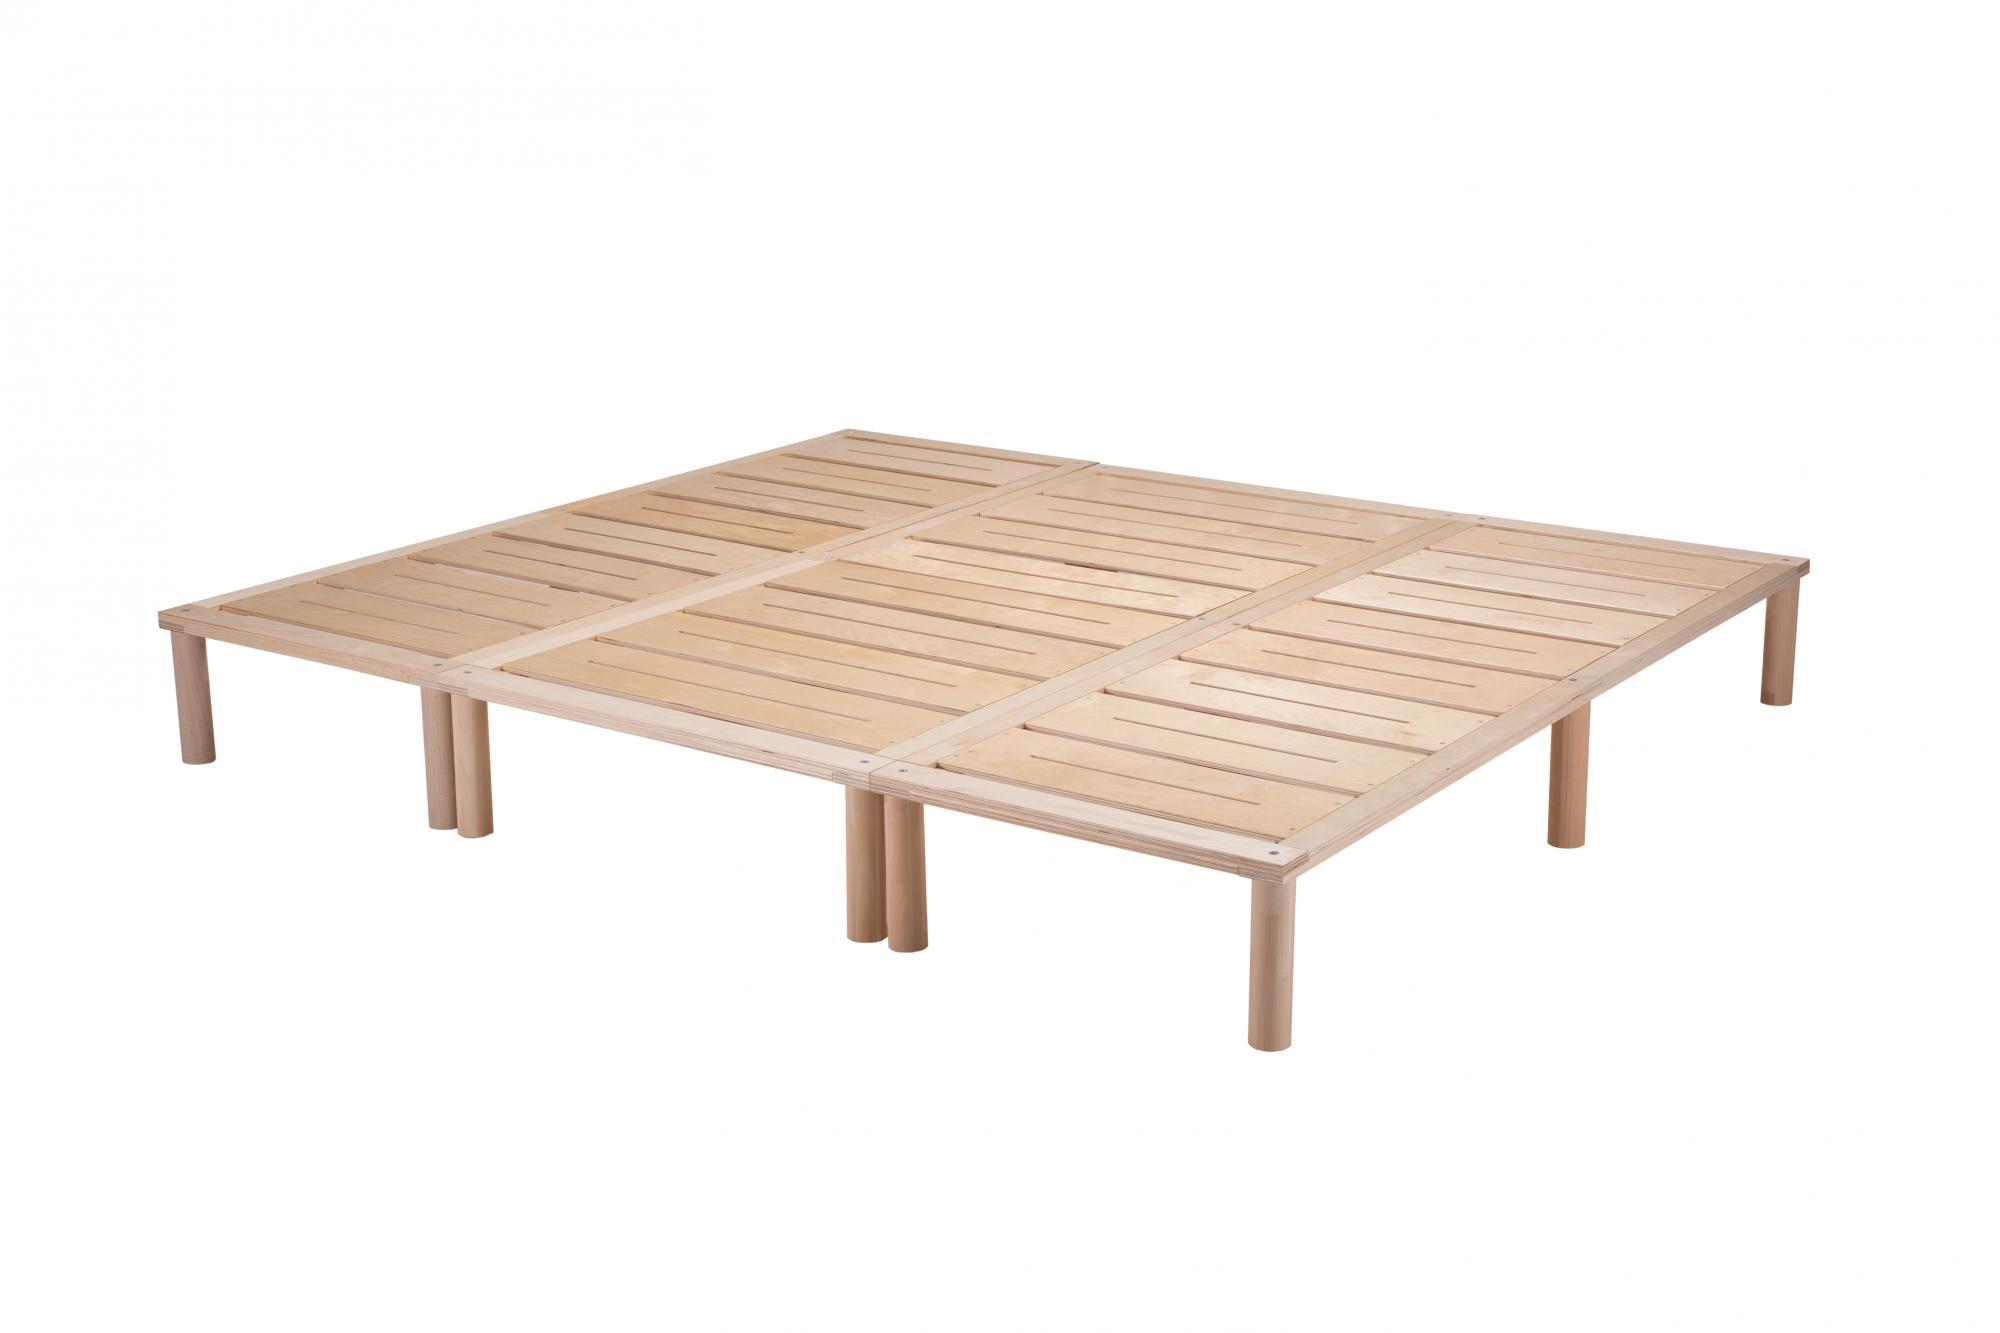 Gigapur G1 29753 Bett | Co-Sleeping | Birke Natur Schicht-Holz | Bettrahmen belastbar bis 195 kg | 230 x 200 cm (2 x 70 x 200 cm + 1 x 90 x 200 cm)